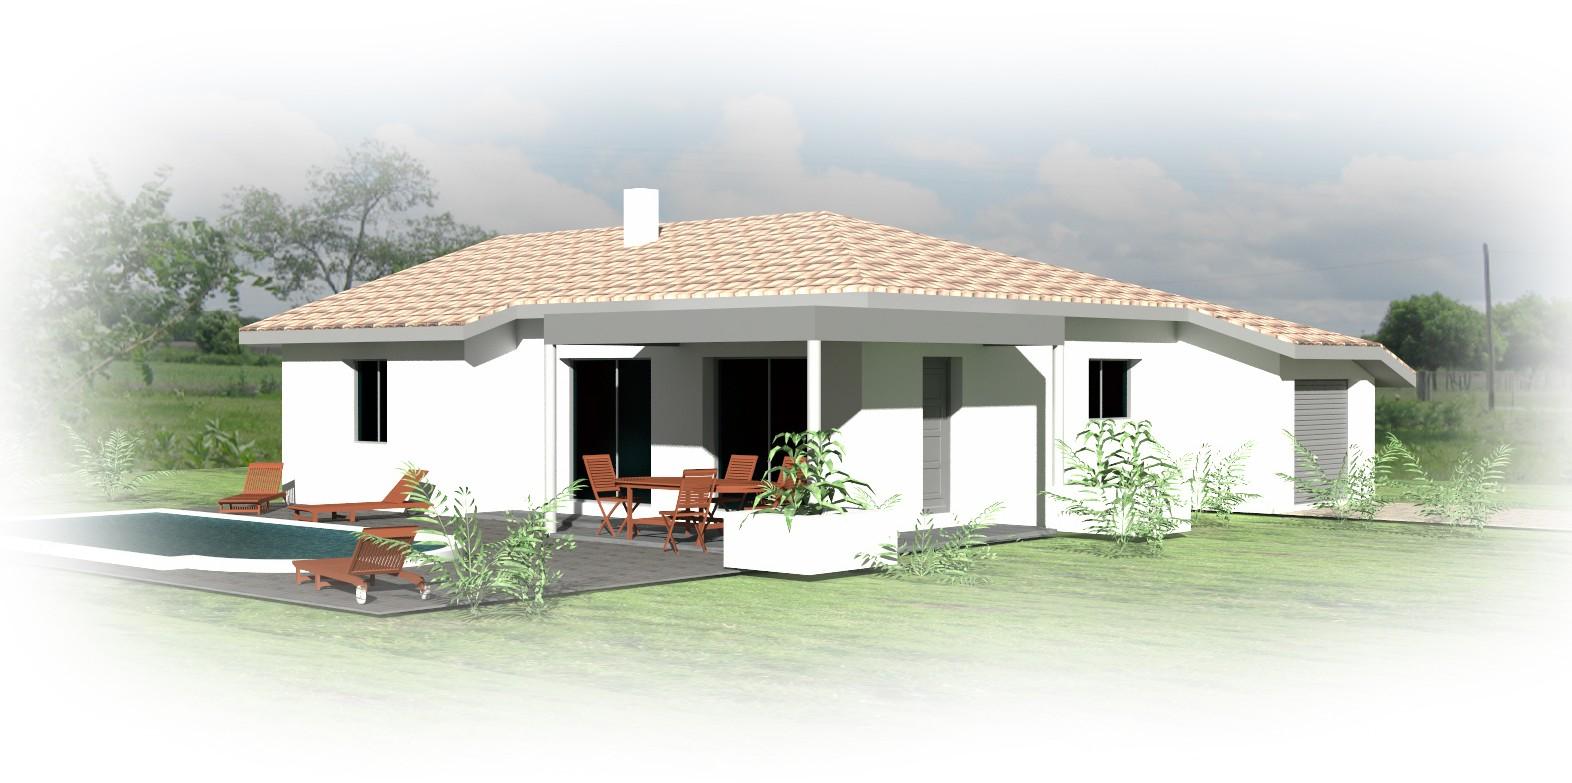 Constructeur maison dax for Constructeur maison basque